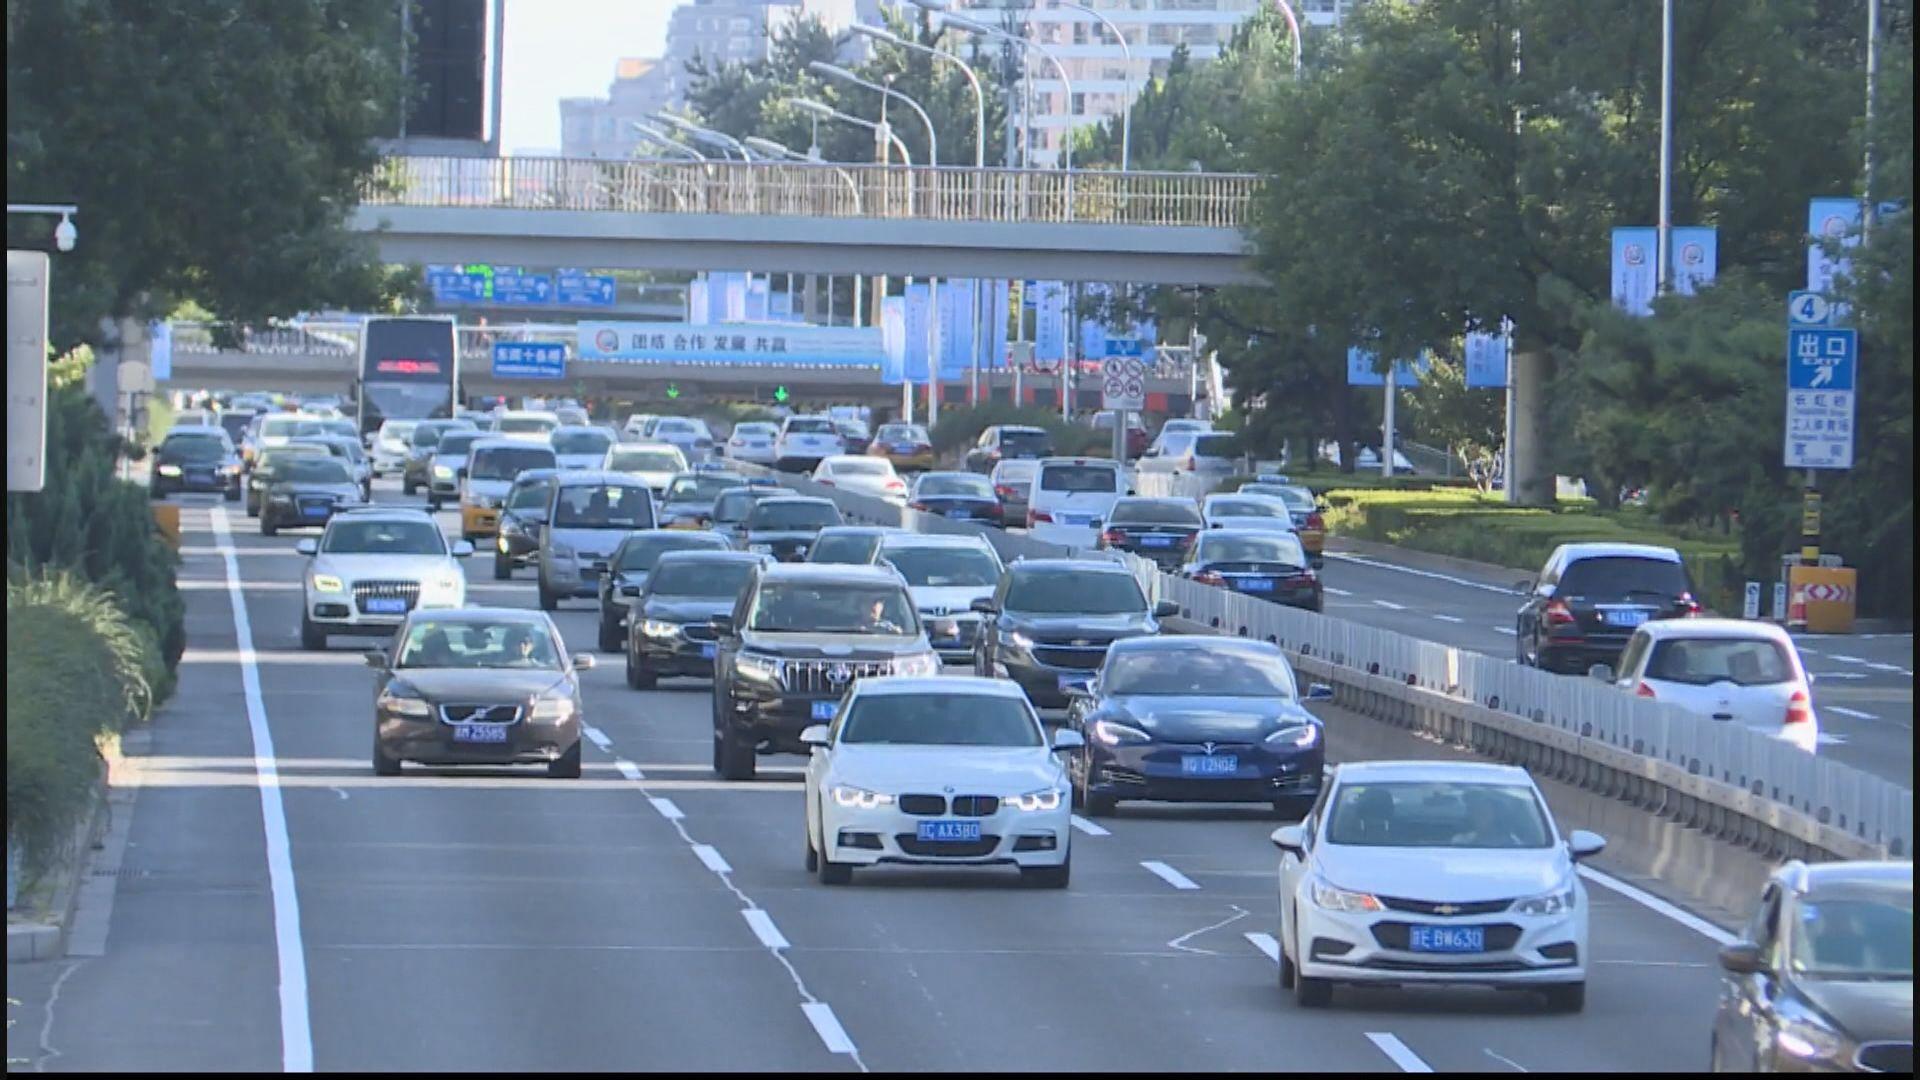 【促進消費】國務院提逐步放寬汽車限購